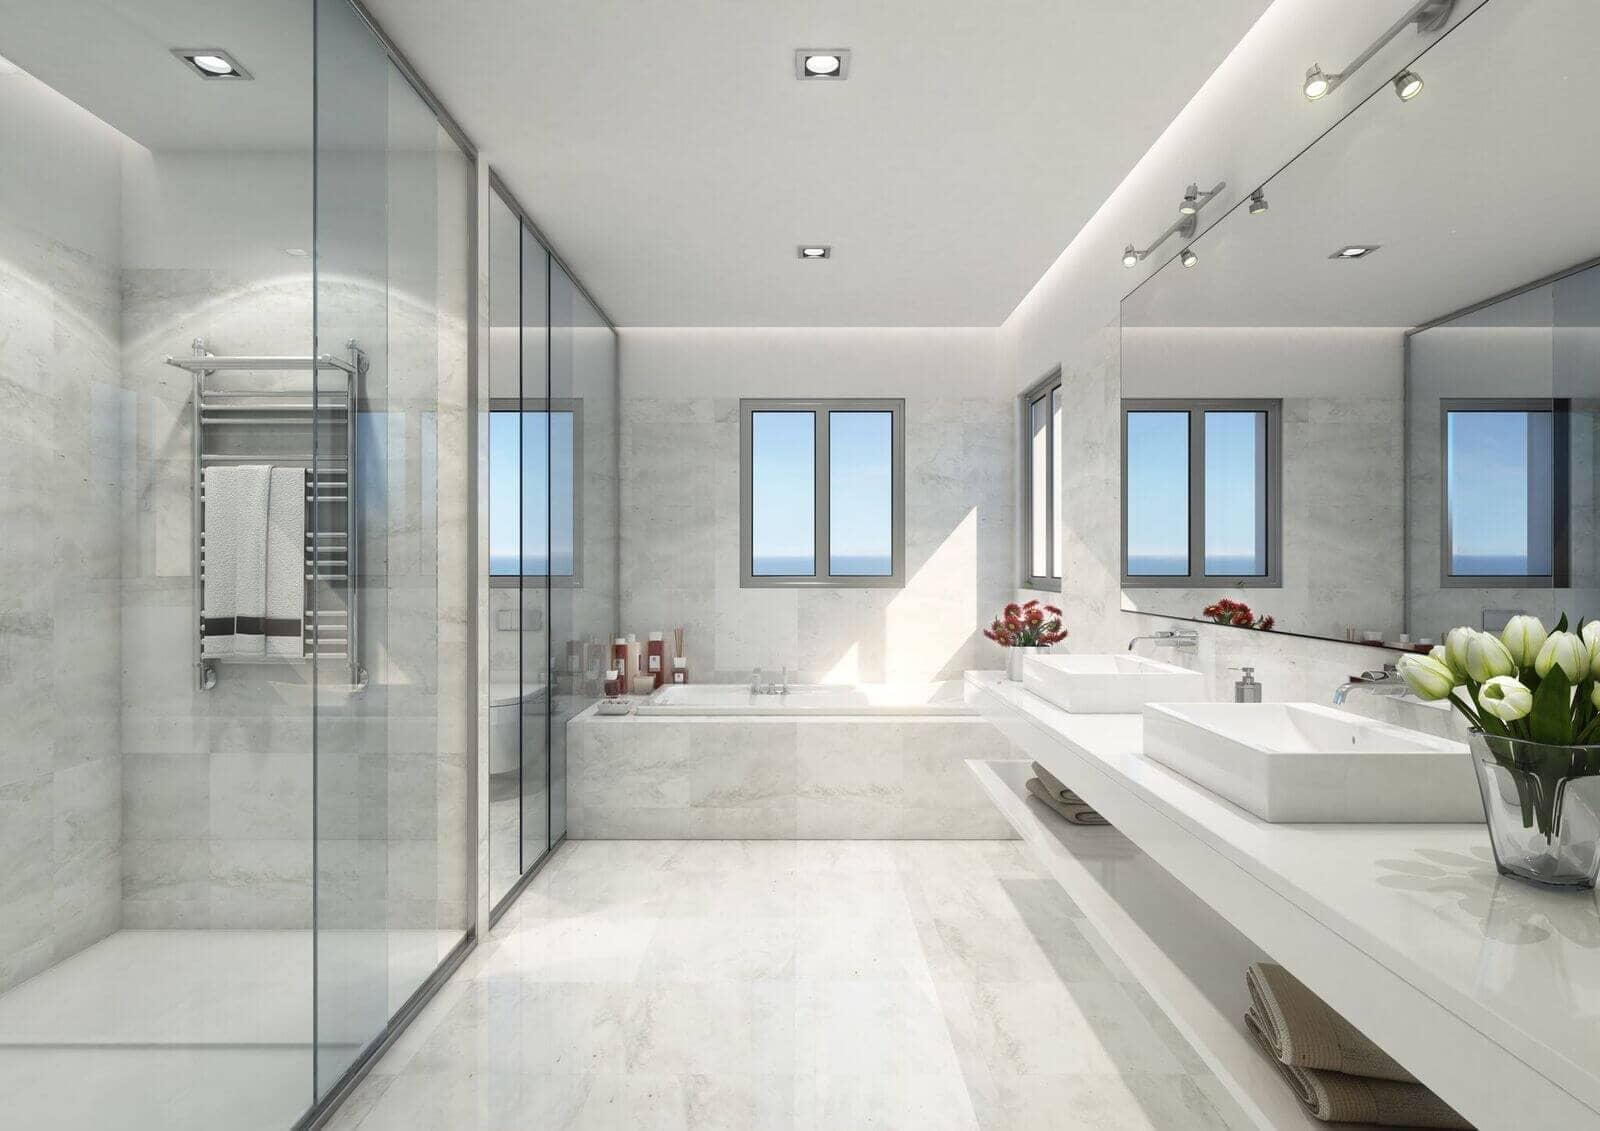 Mirador de estepona hills nieuwe appartementen met for Planner badkamer